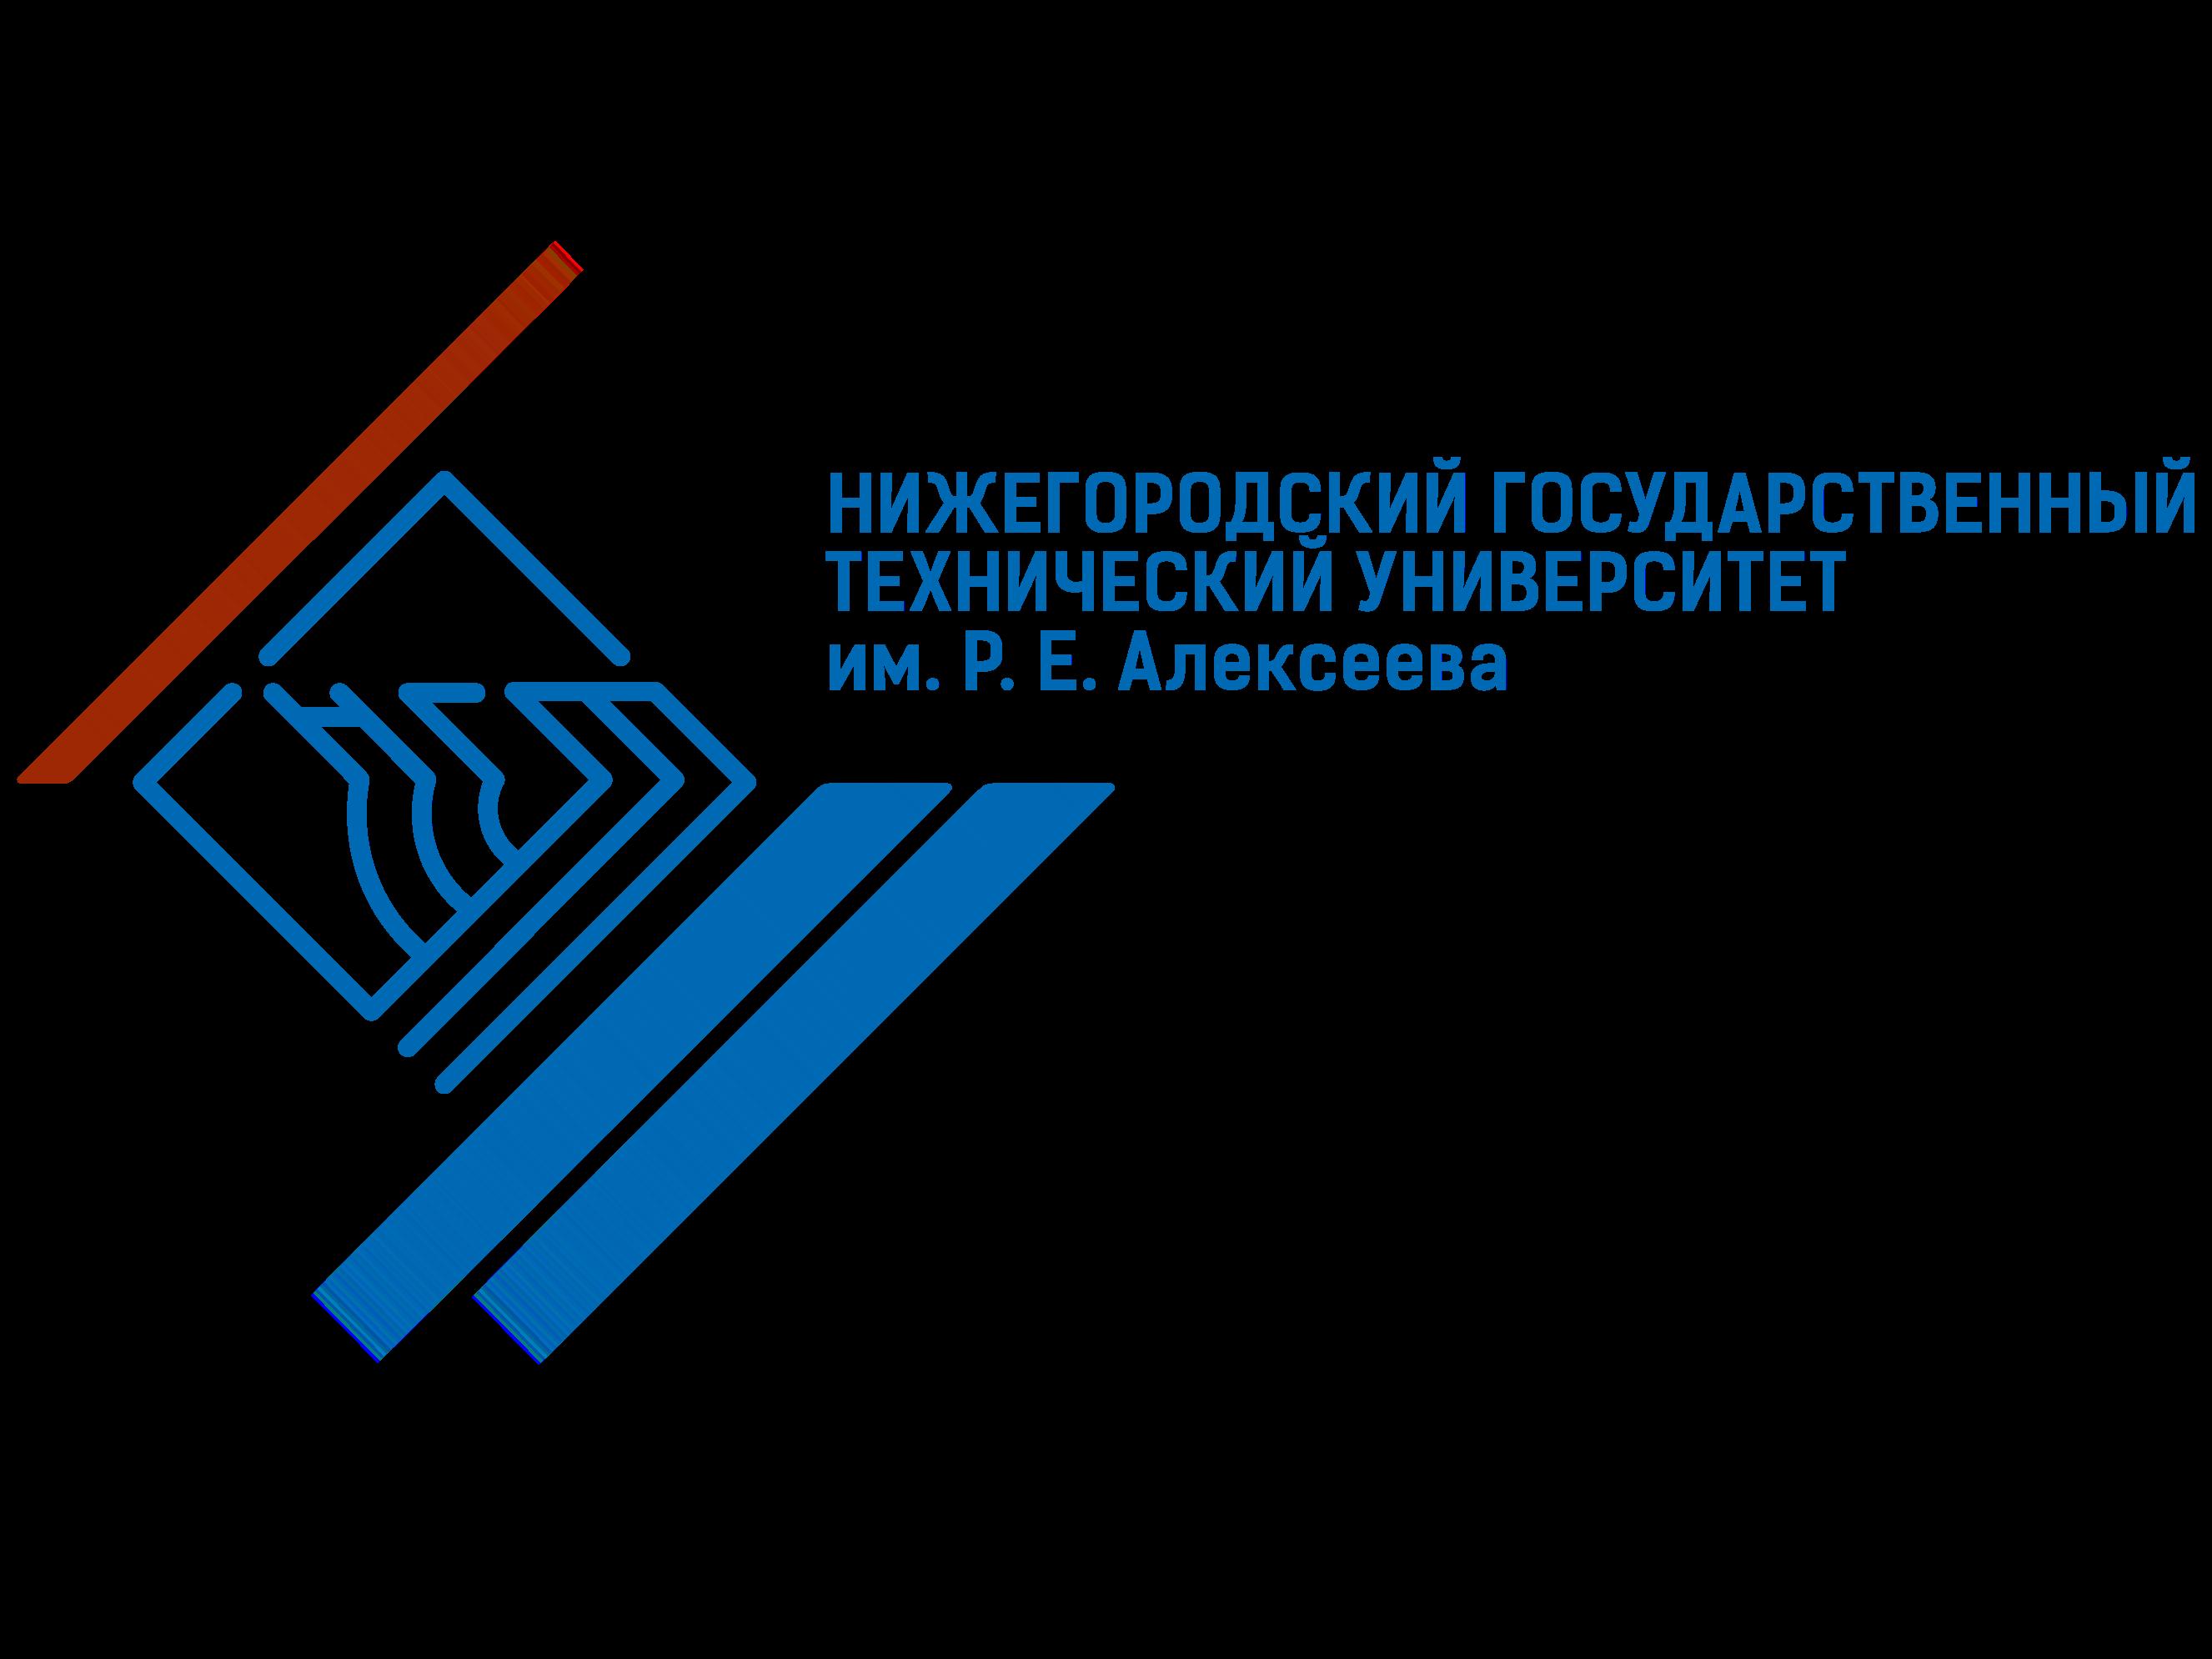 Об опыте применения симулятора PSCAD в НГТУ им. Р. Е. Алексеева